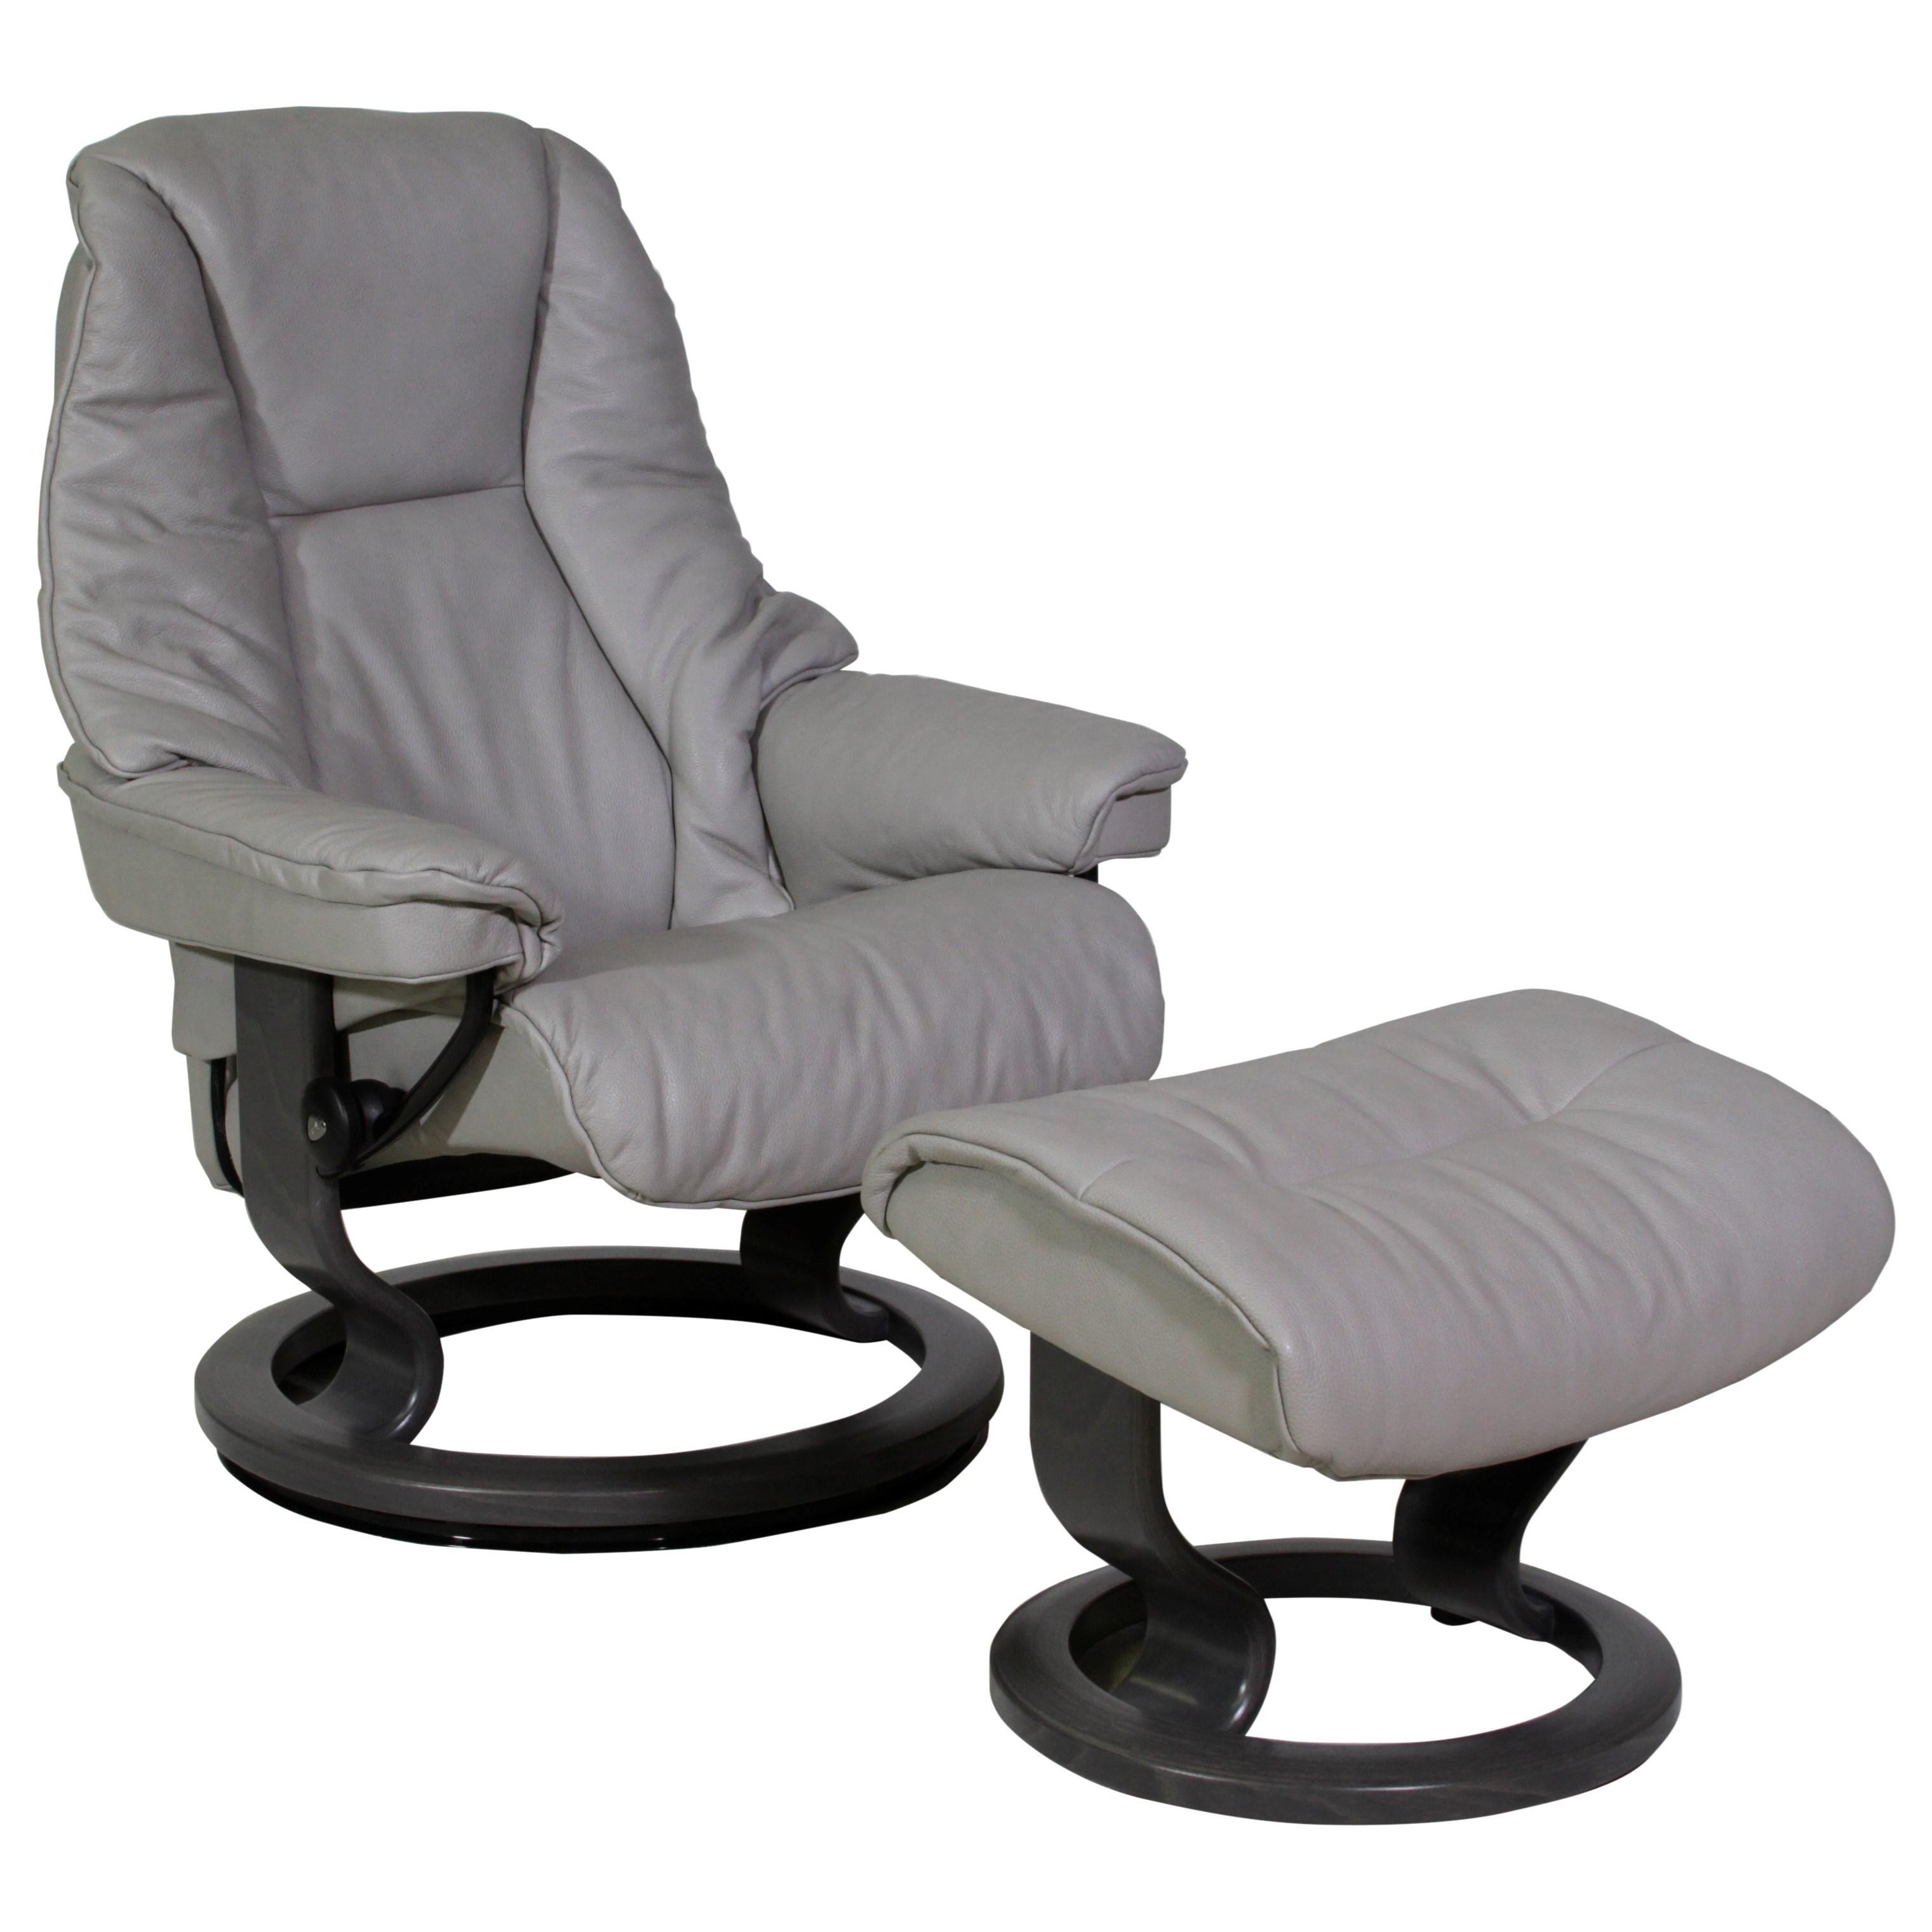 Stressless LiveSmall Stressless Chair U0026 Ottoman ...